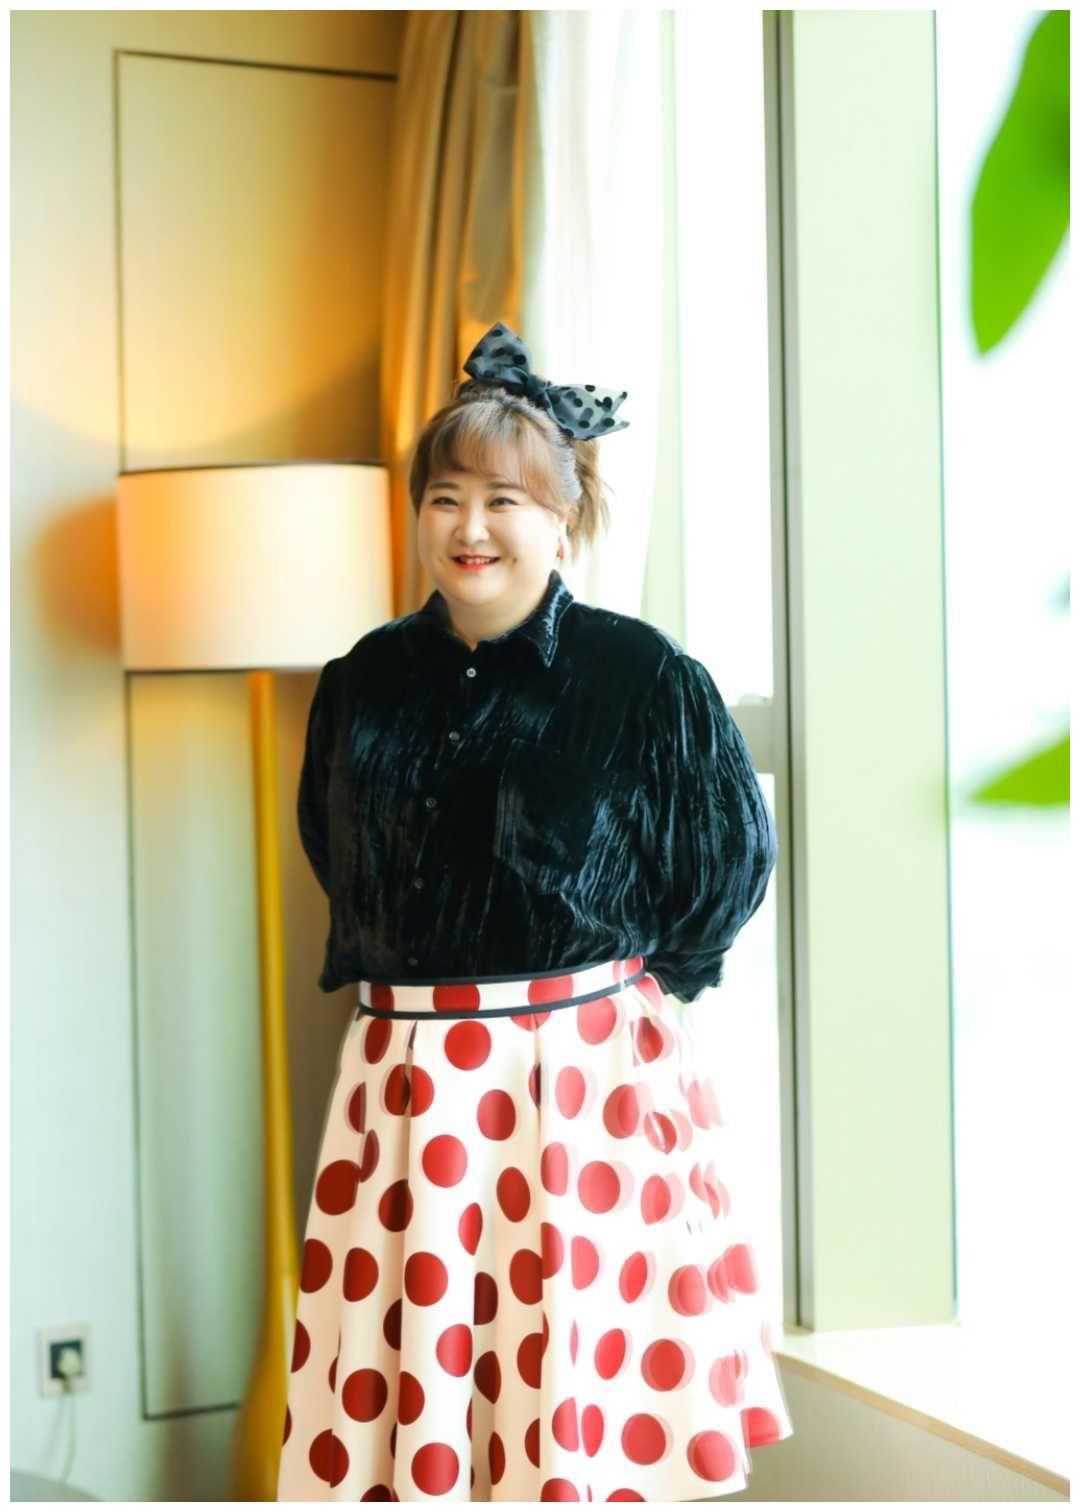 贾玲似乎有点一胖不可收拾了,尼龙上衣配波点裙完全看不到腰